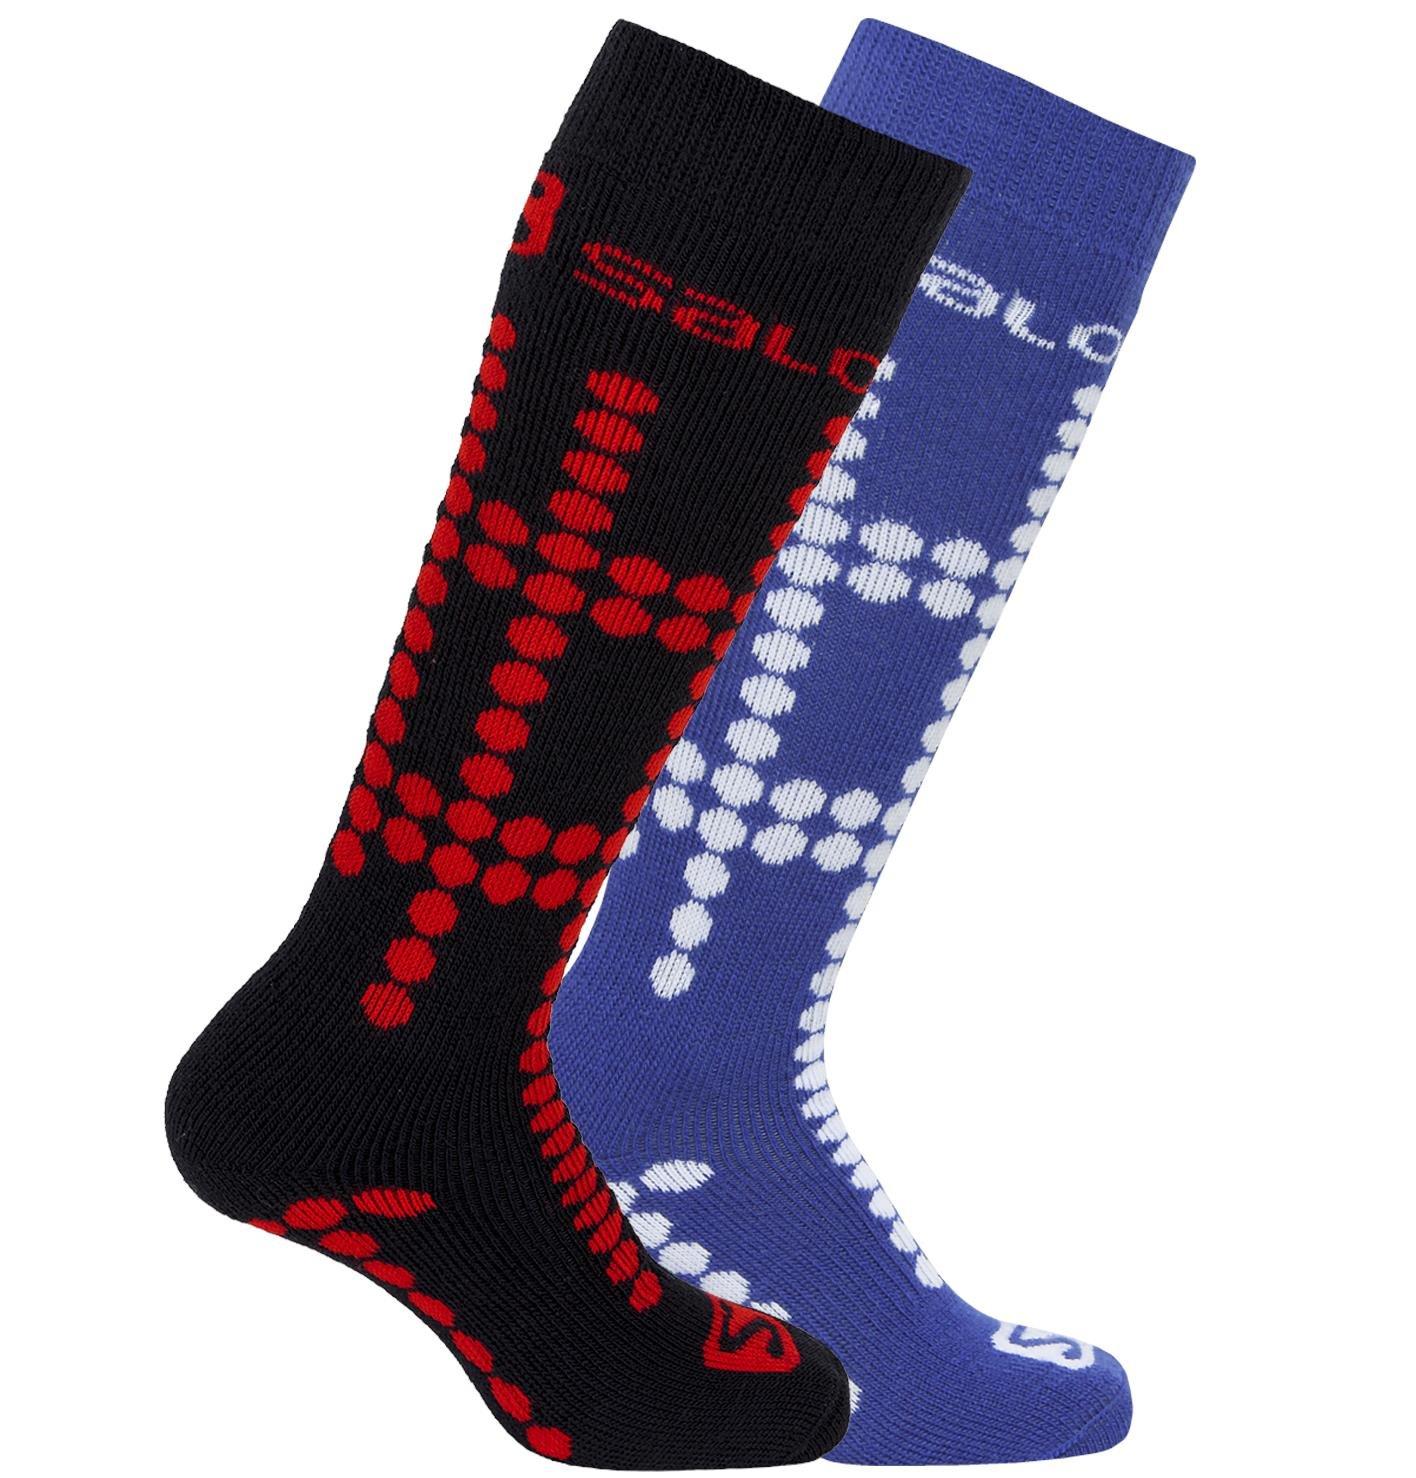 Salomon Team Kids Ski Socks Twin Pack, White/Matador